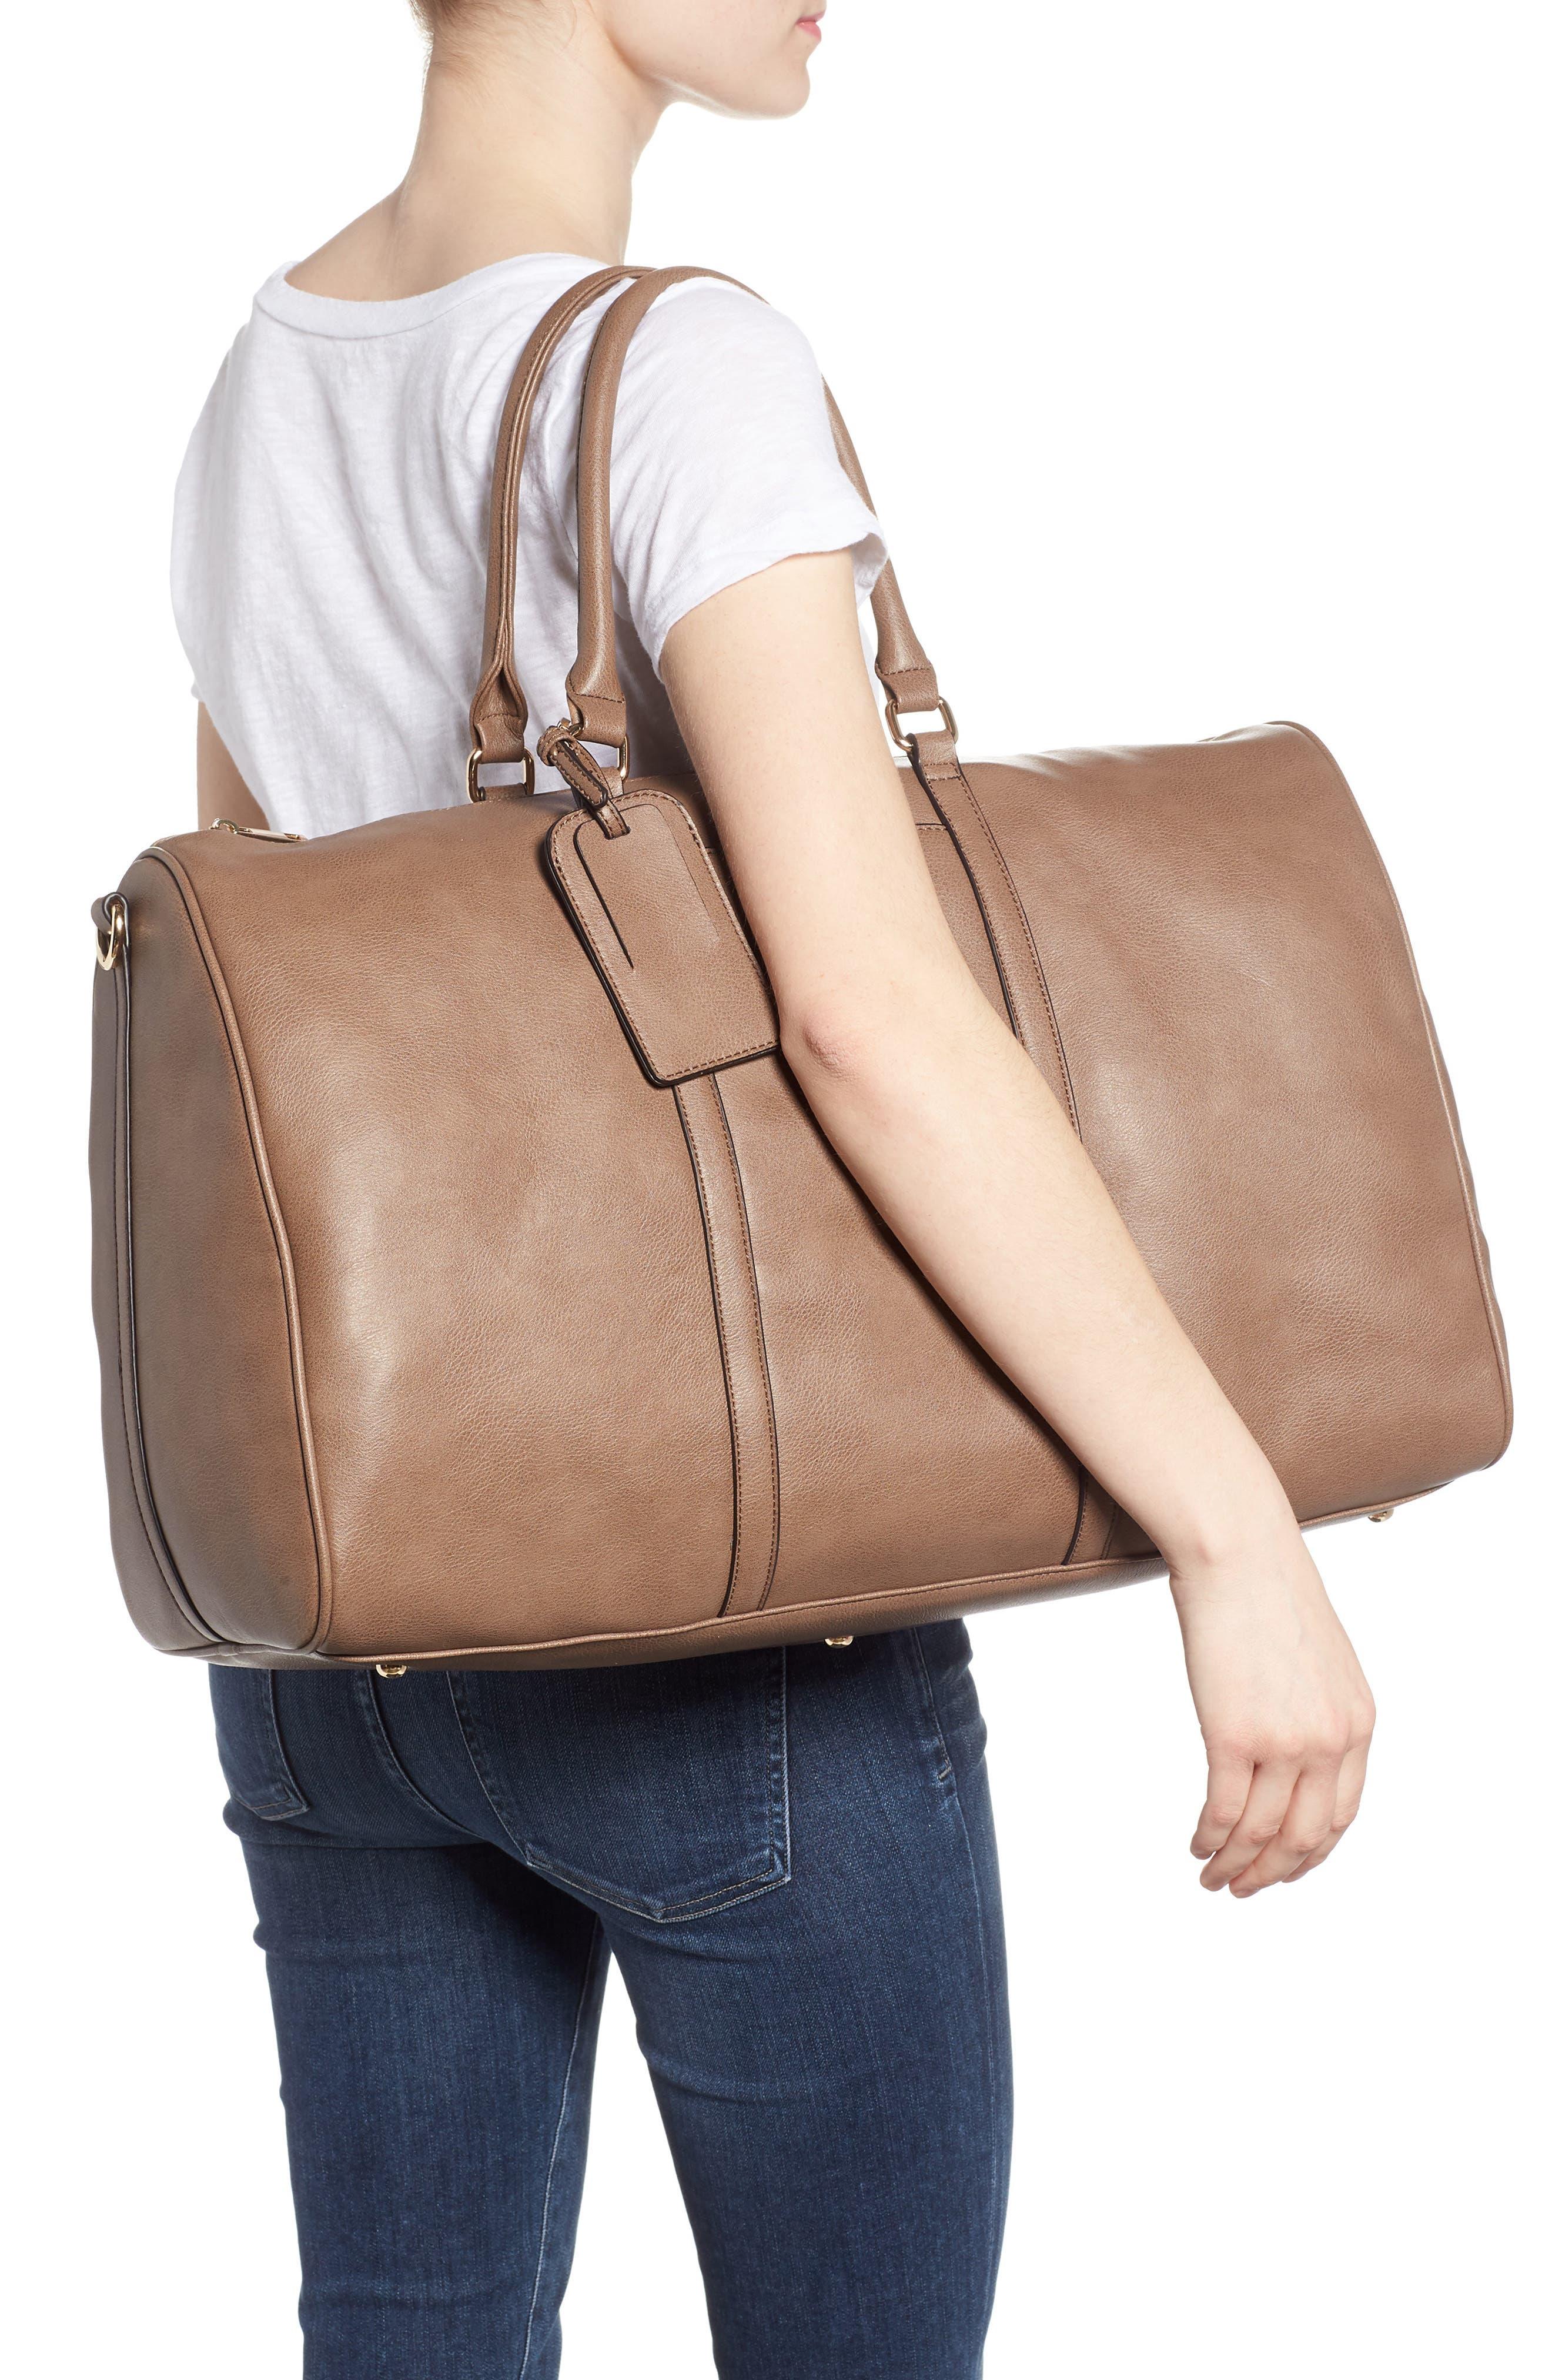 'Lacie' Faux Leather Duffel Bag,                             Alternate thumbnail 2, color,                             022